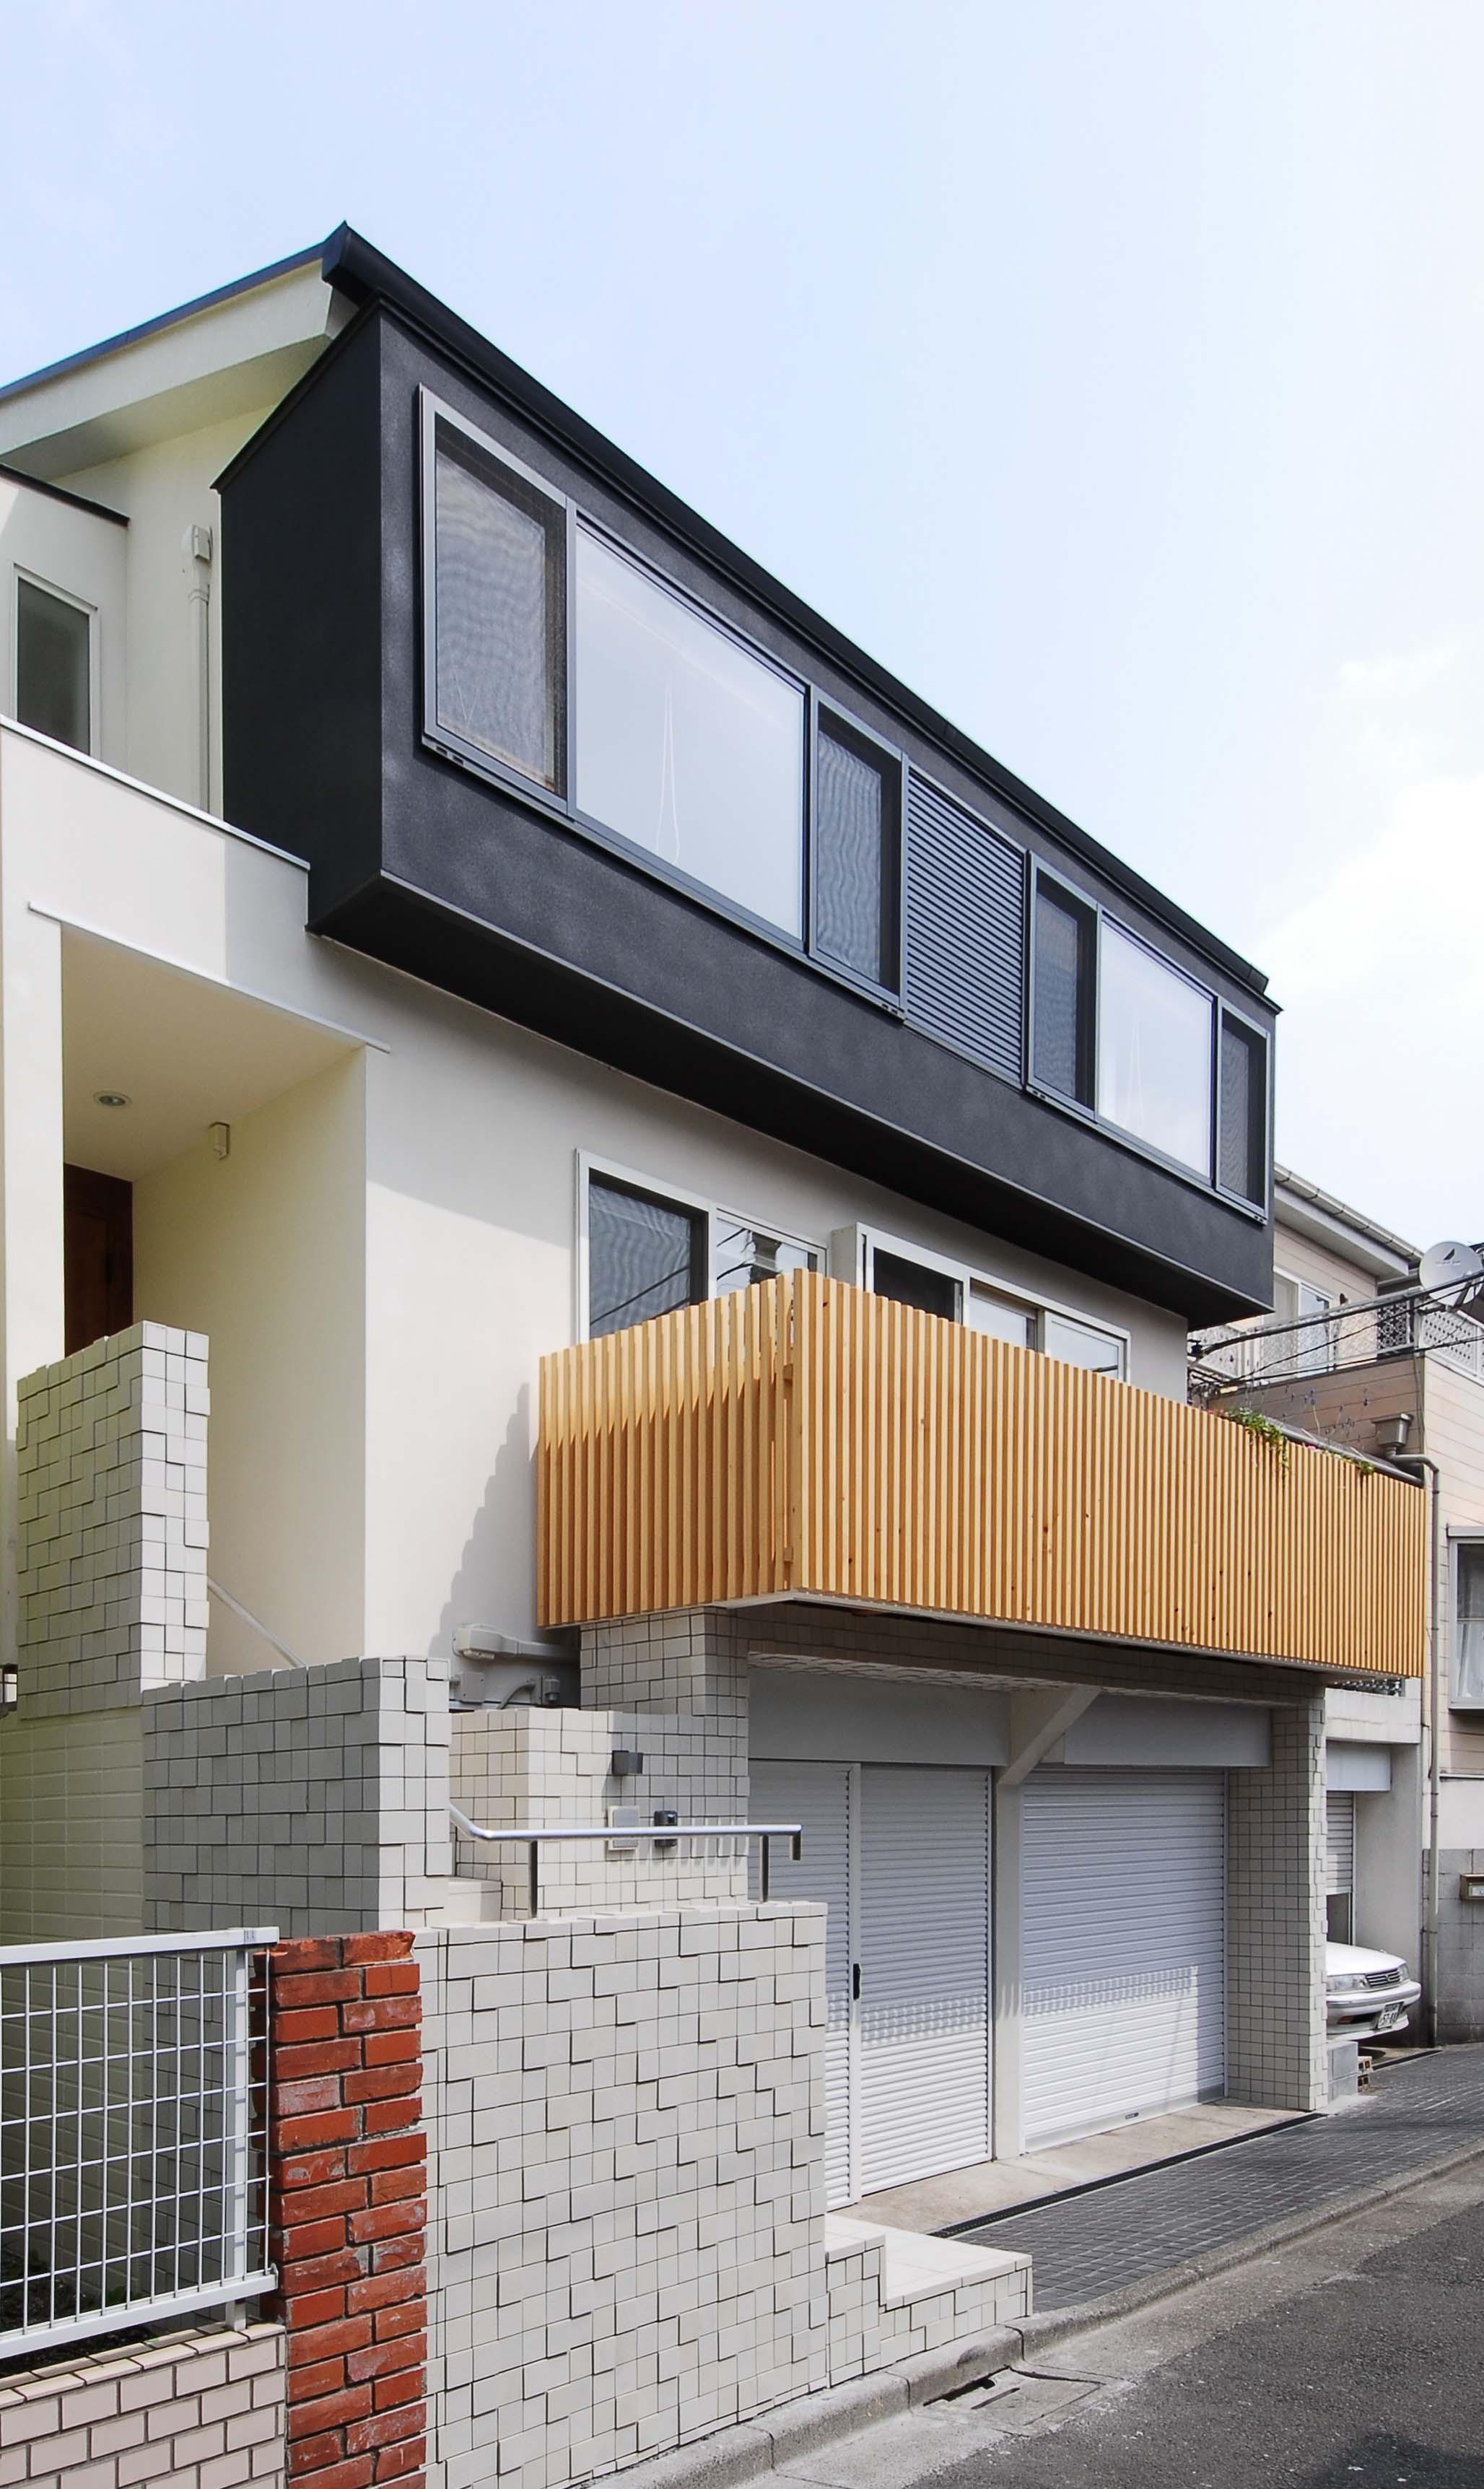 外観事例:リノベーション住宅外観デザイン(house-w 世田谷のリノベーション住宅)